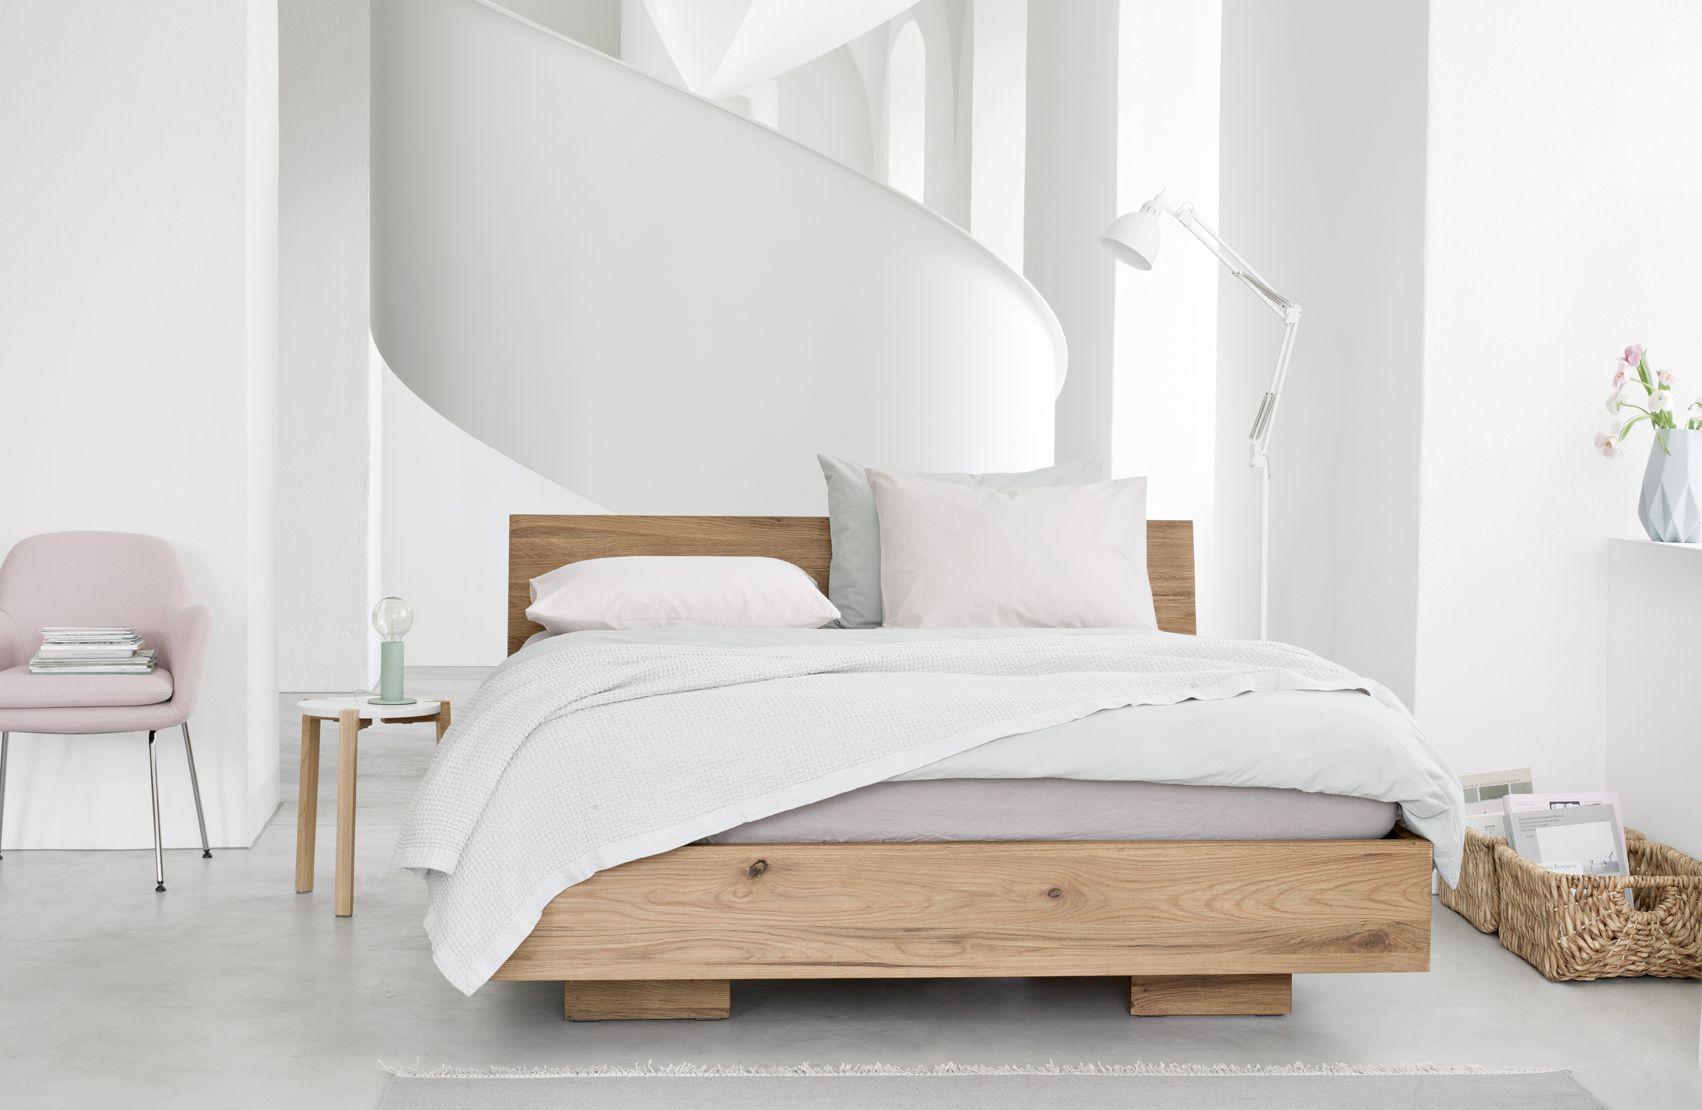 Lovely Schlafzimmer Geschichten #5: GUTENACHT-GESCHICHTEN Im Boxspringbett #interio #frühling2017 #schlafen # Schlafzimmer #bett #